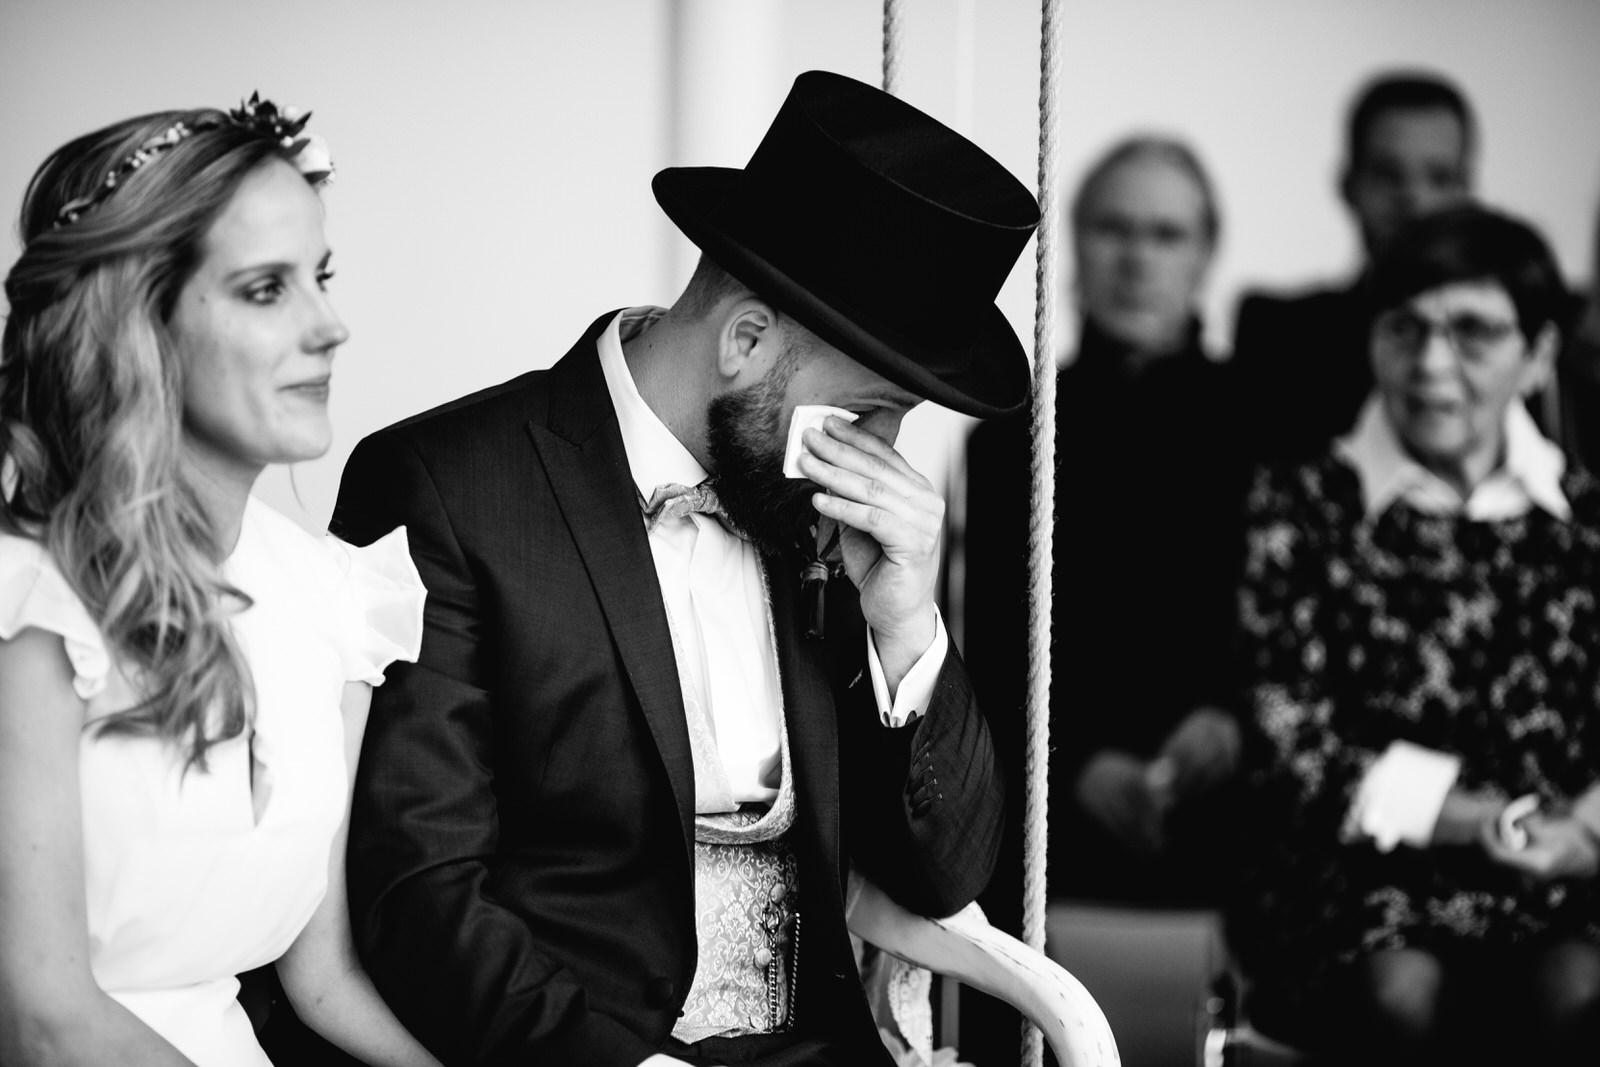 Hochzeitsfotograf_Rödental_Alte_Mühle_Alte_Orangerie_Schloss_Rosenau_100227231.JPG